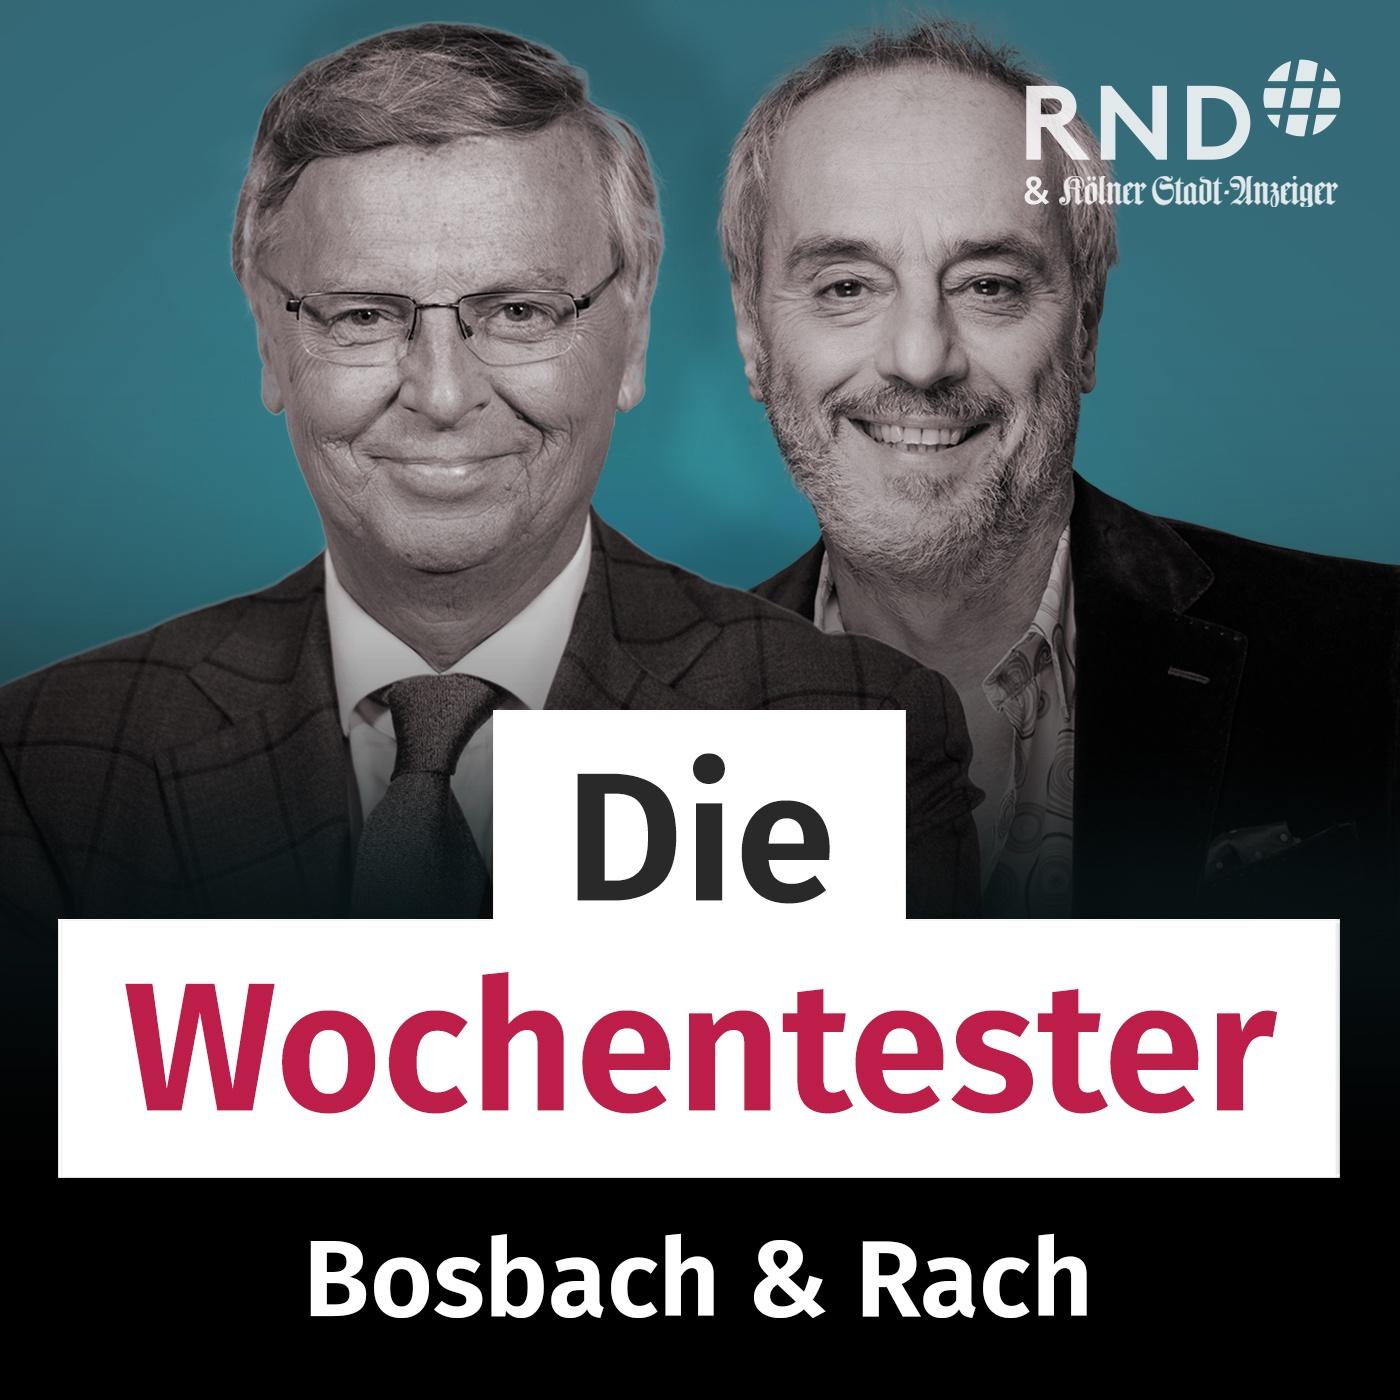 Bosbach & Rach - mit Johannes Vogel und Toralf Staud